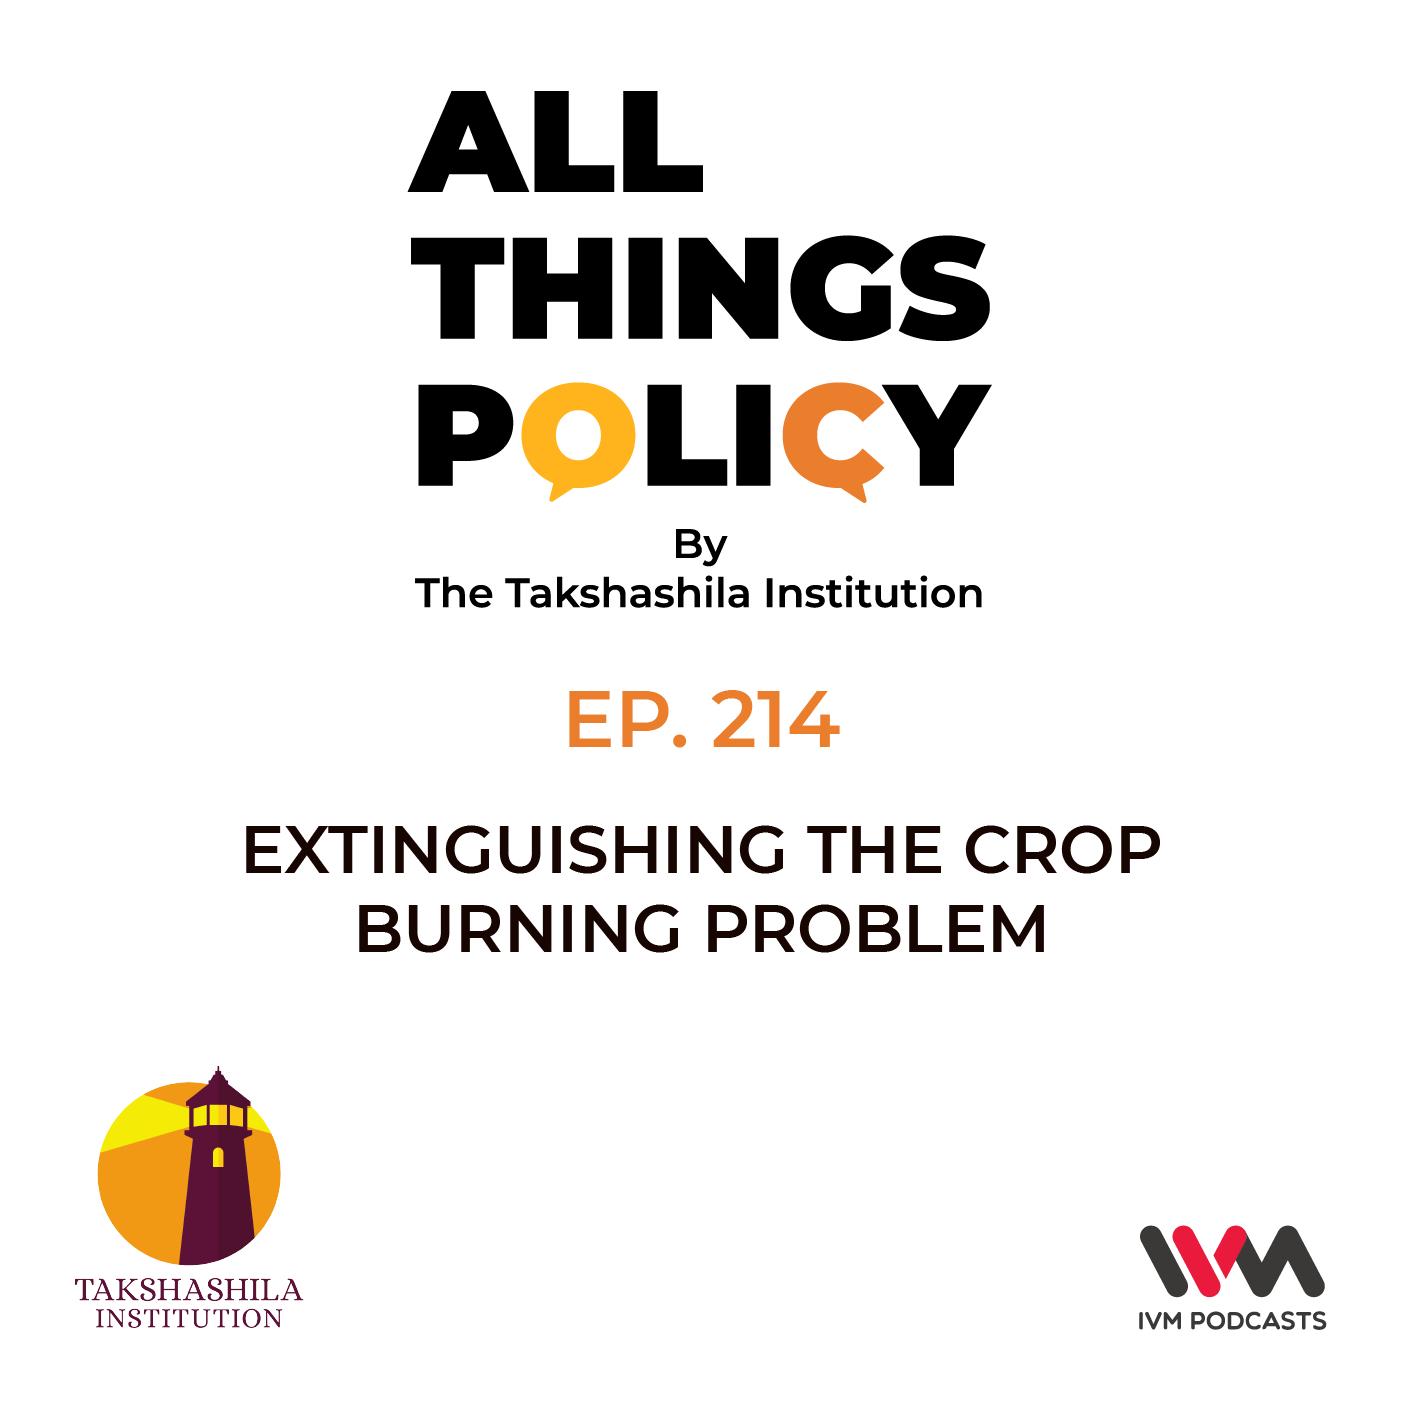 Ep. 214: Extinguishing the Crop Burning Problem